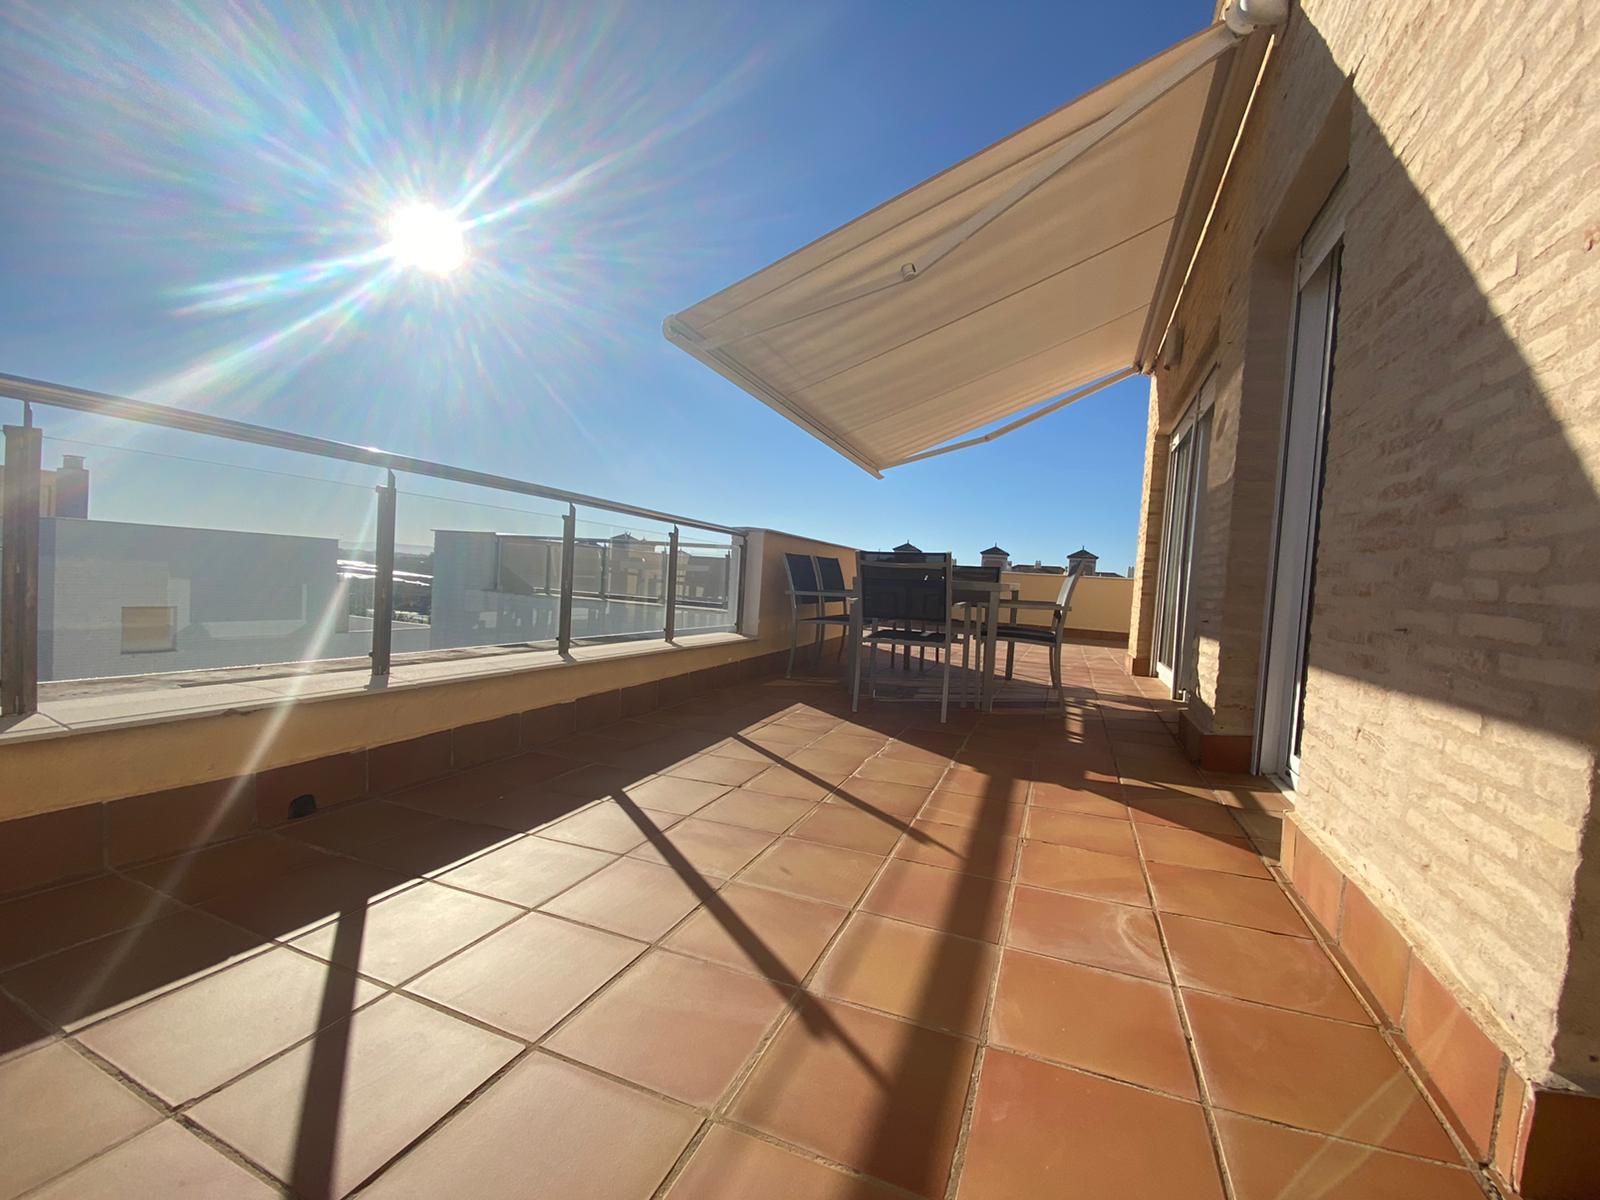 Imagen 42 del Apartamento Turístico, Ático 7 Levante (3d +2b), Punta del Moral (HUELVA), Paseo de la Cruz nº22